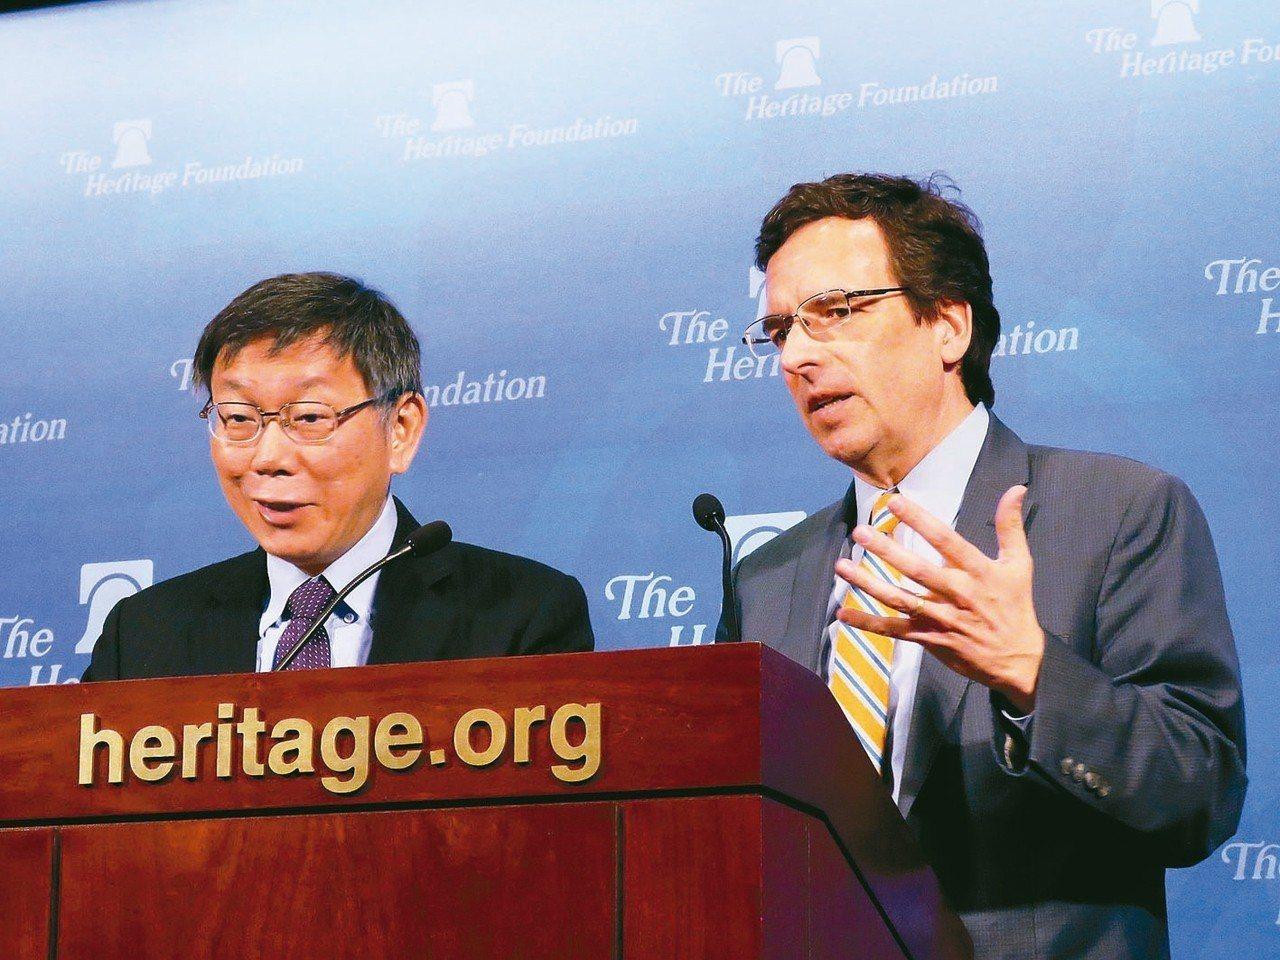 台北市長柯文哲(左)20日於華府智庫傳統基金會演講,由傳統基金會亞洲研究中心主任...